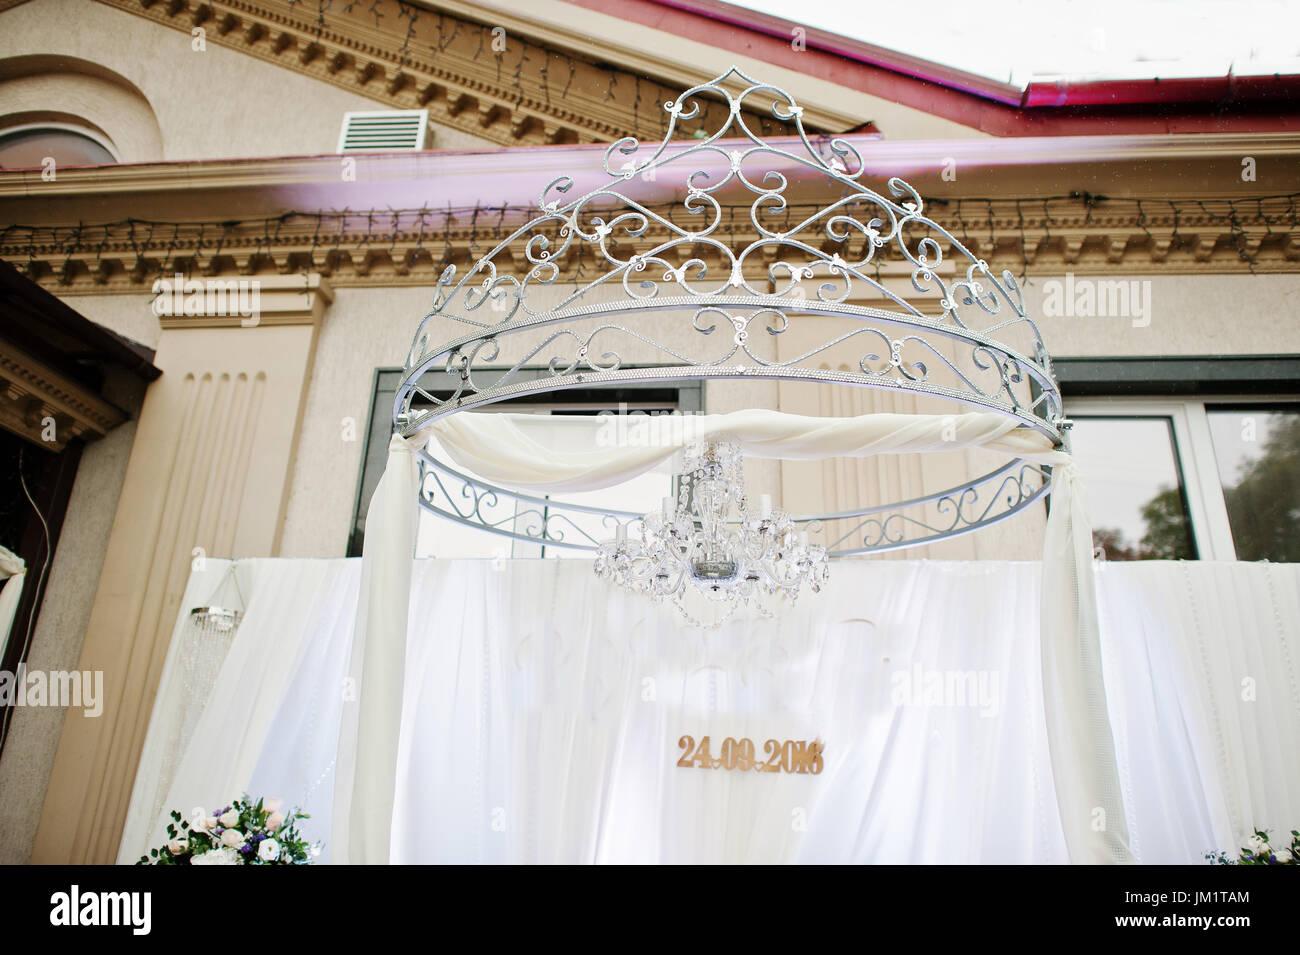 Hochzeit-Bogen und Inschrift auf den weißen Vorhängen Stockfoto ...